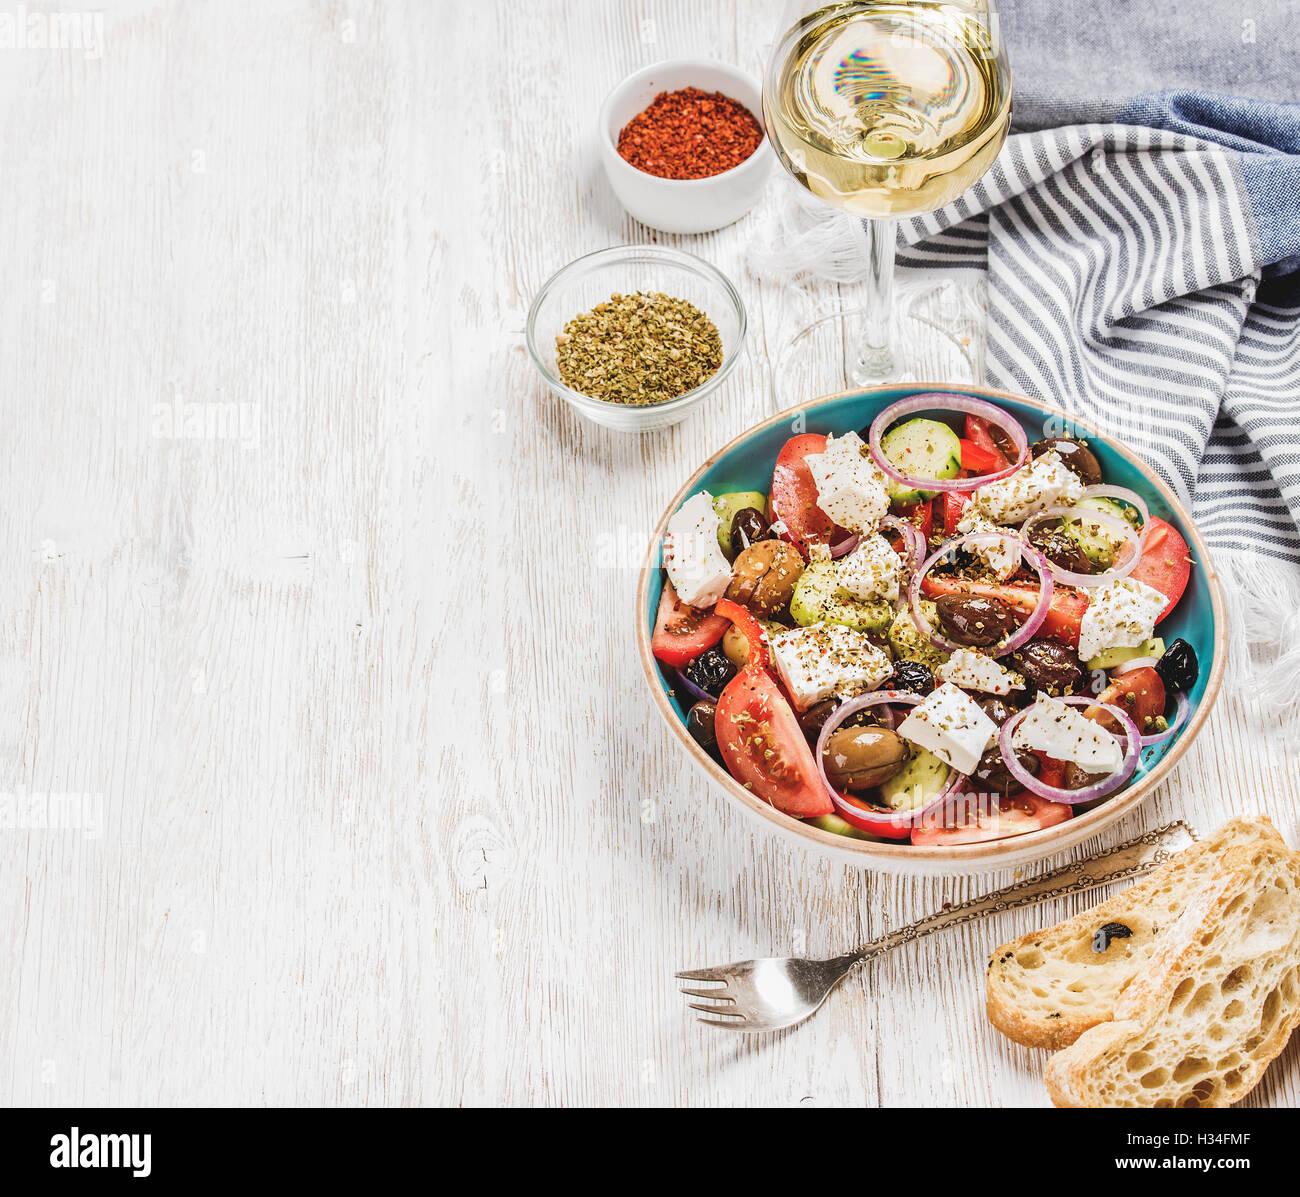 Salade grecque avec du pain, des herbes et le verre de vin blanc Photo Stock